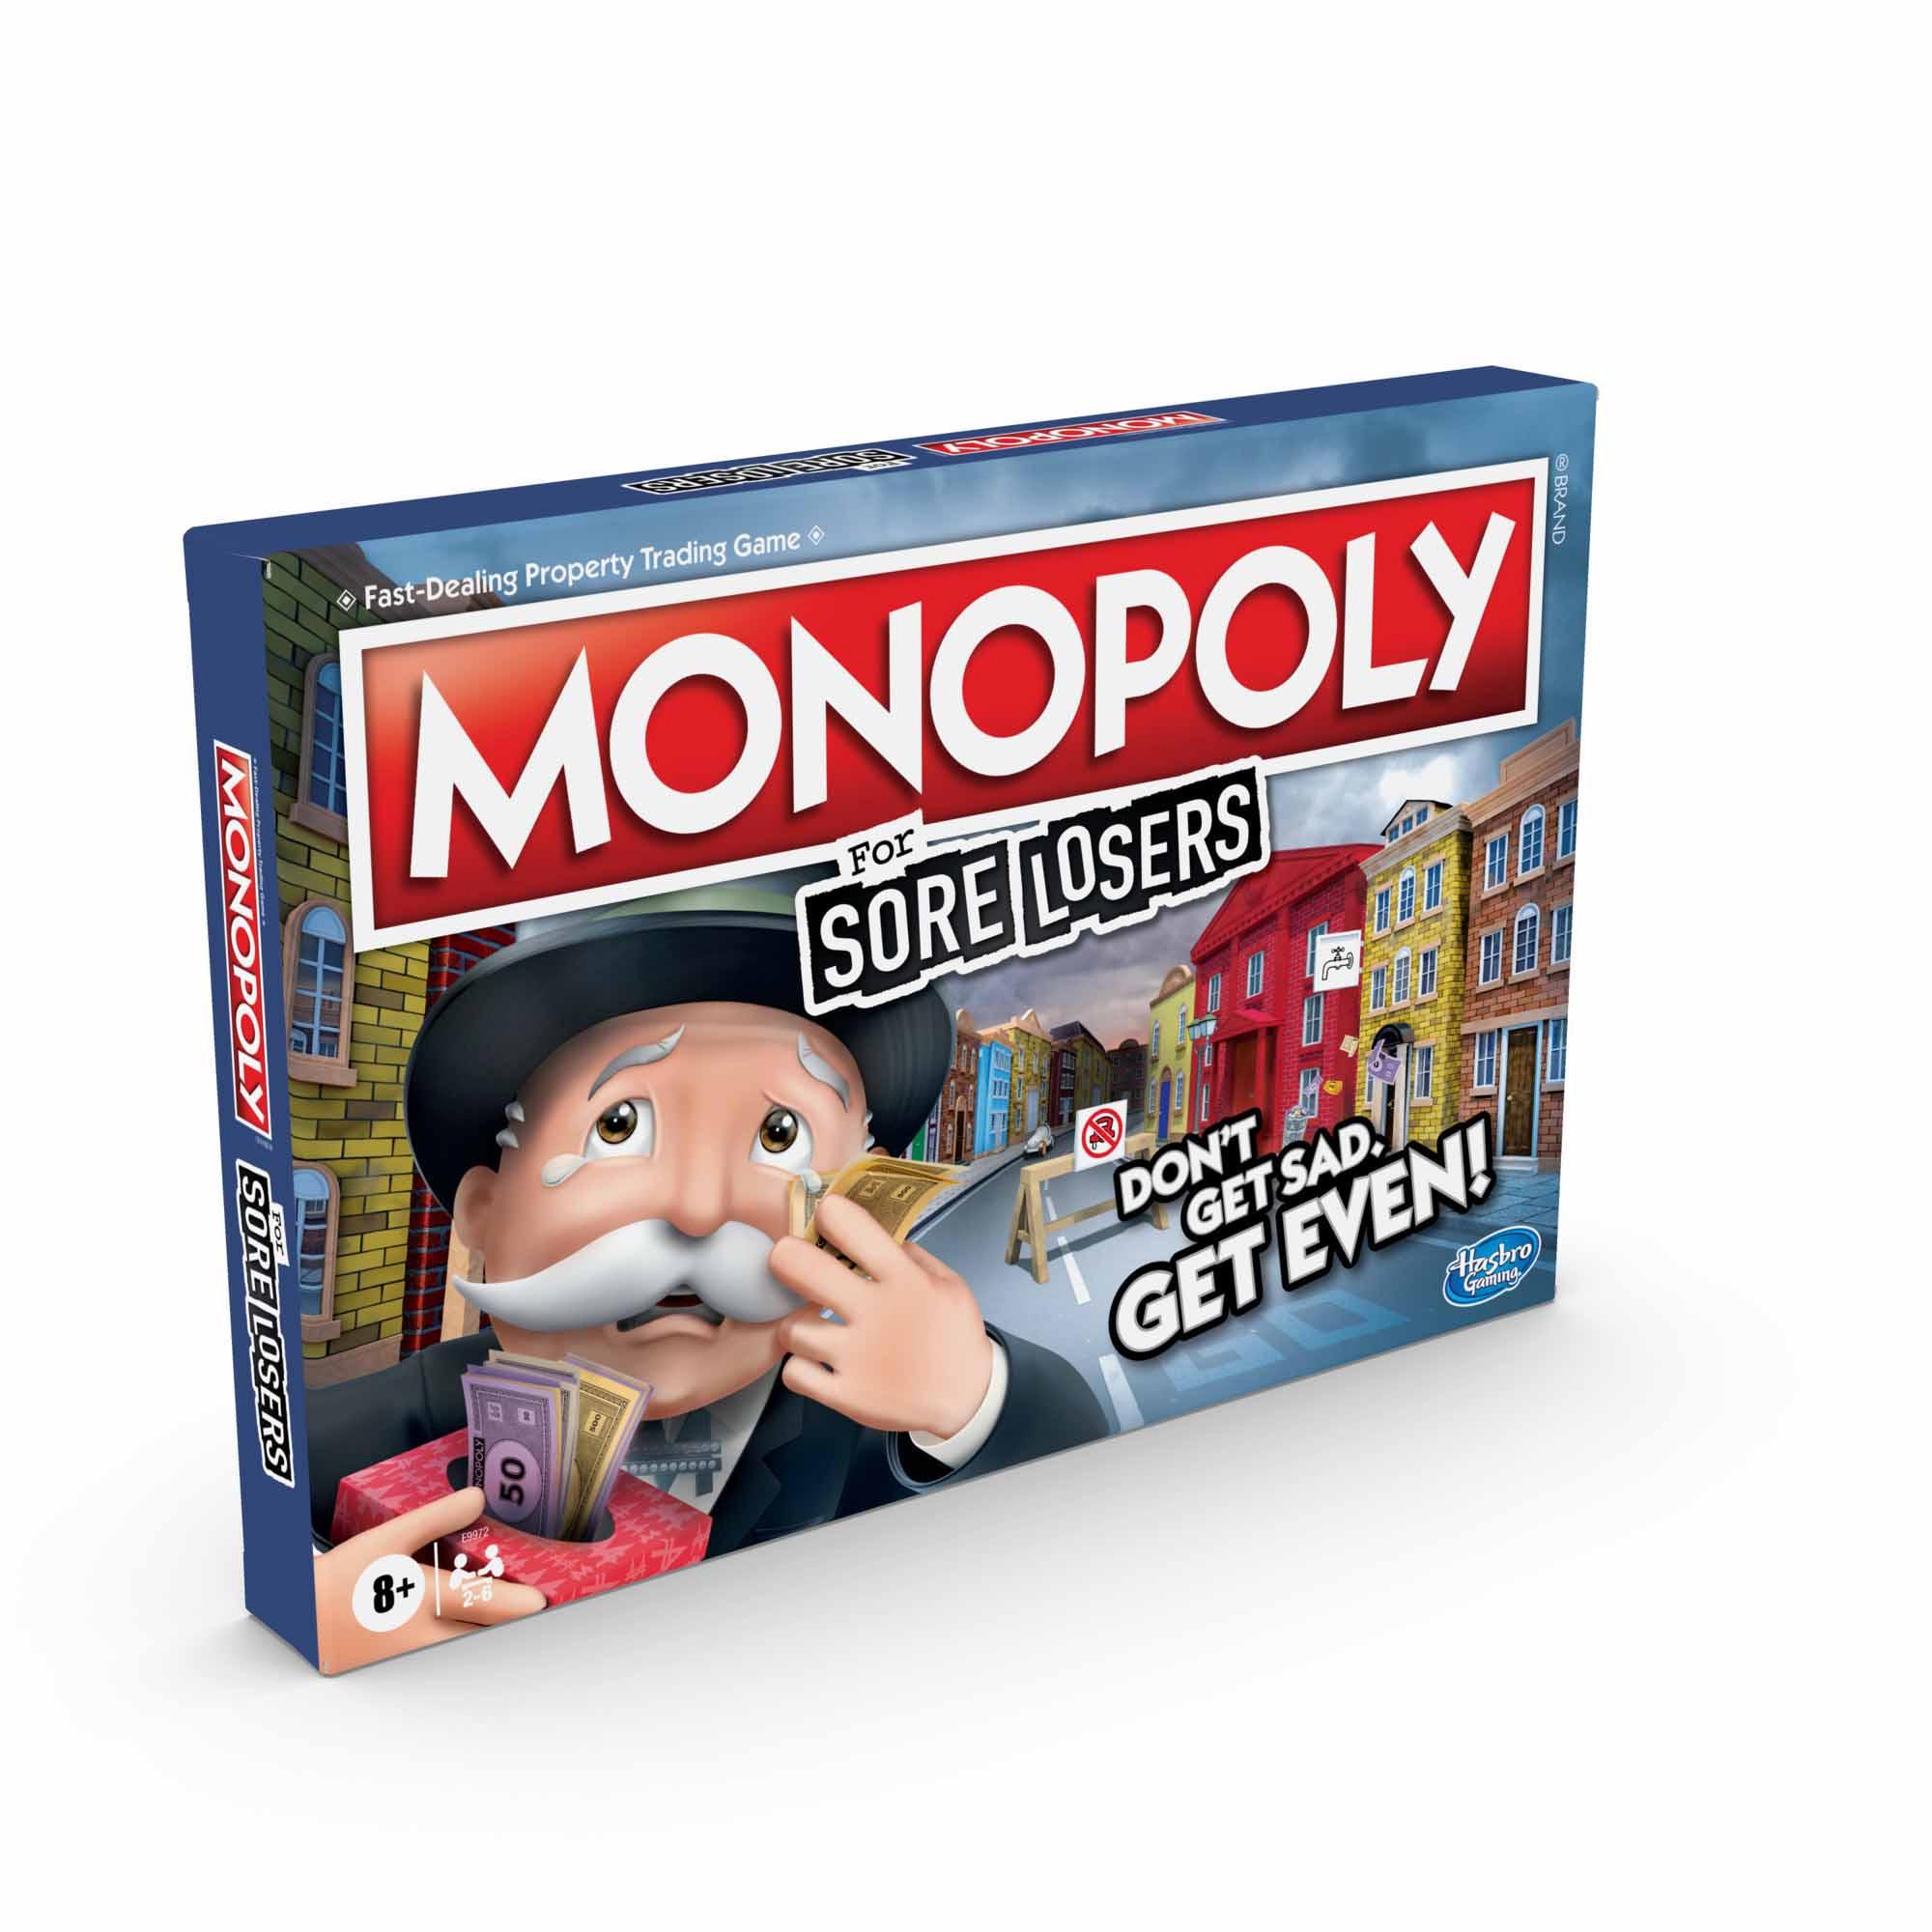 Monopoly für schlechte Verlierer Brettspiel ab 8 Jahren